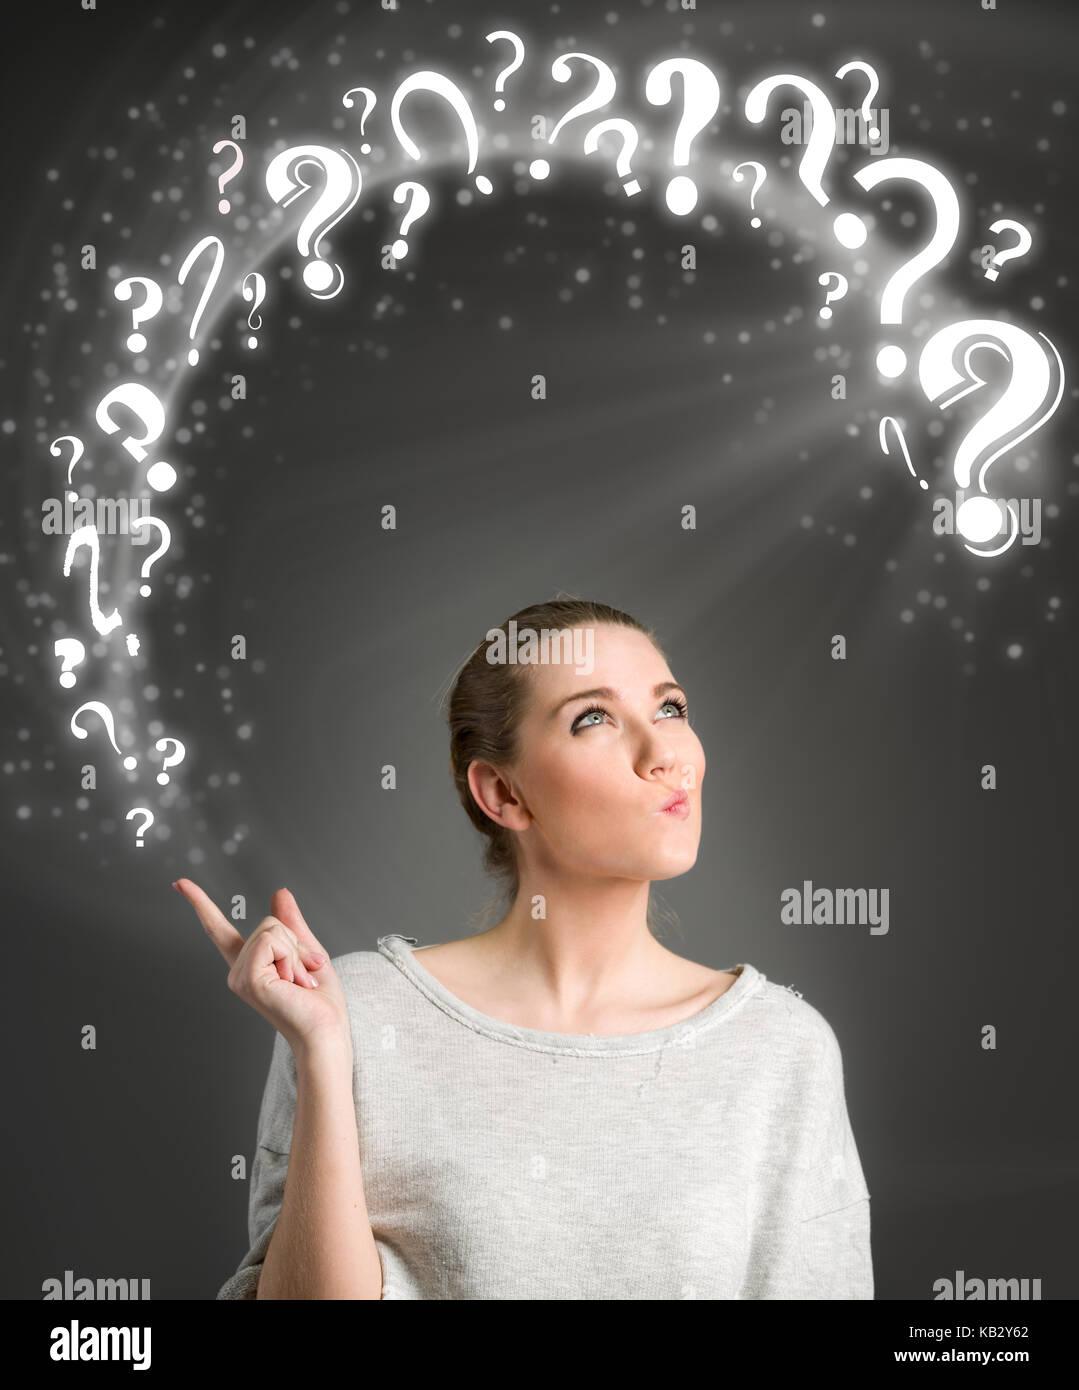 Mujer pensante brillante símbolo preguntas Imagen De Stock